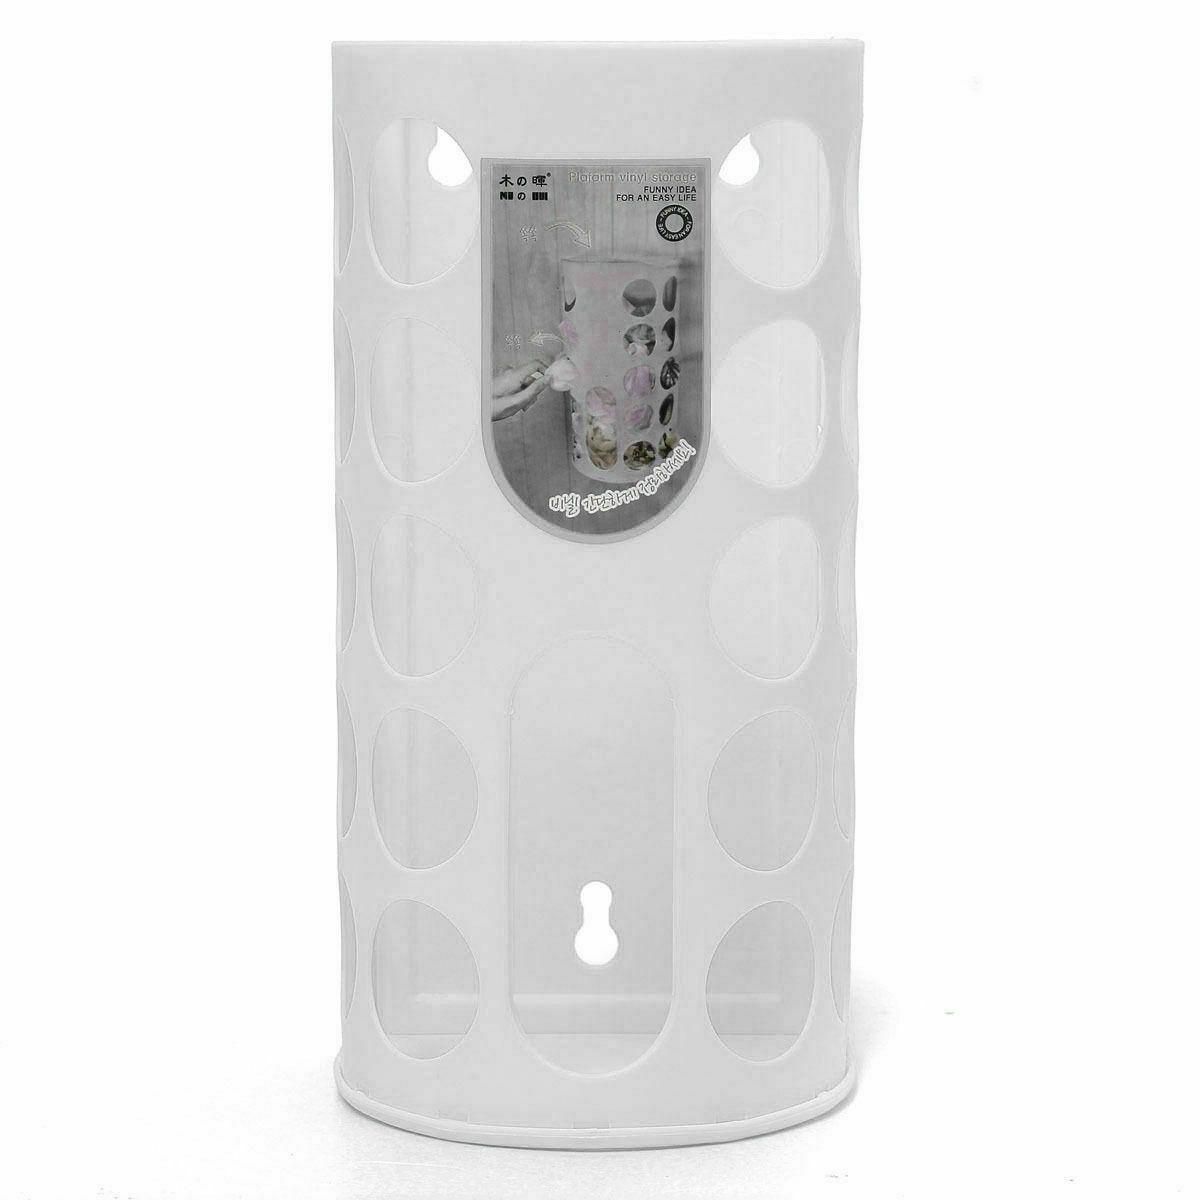 Пластиковый пакет настенный диспенсер монтируемый мешок для мусора корзина для хранения настенный ящик для хранения мусора для домашнего кухонного органайзера - Цвет: 1